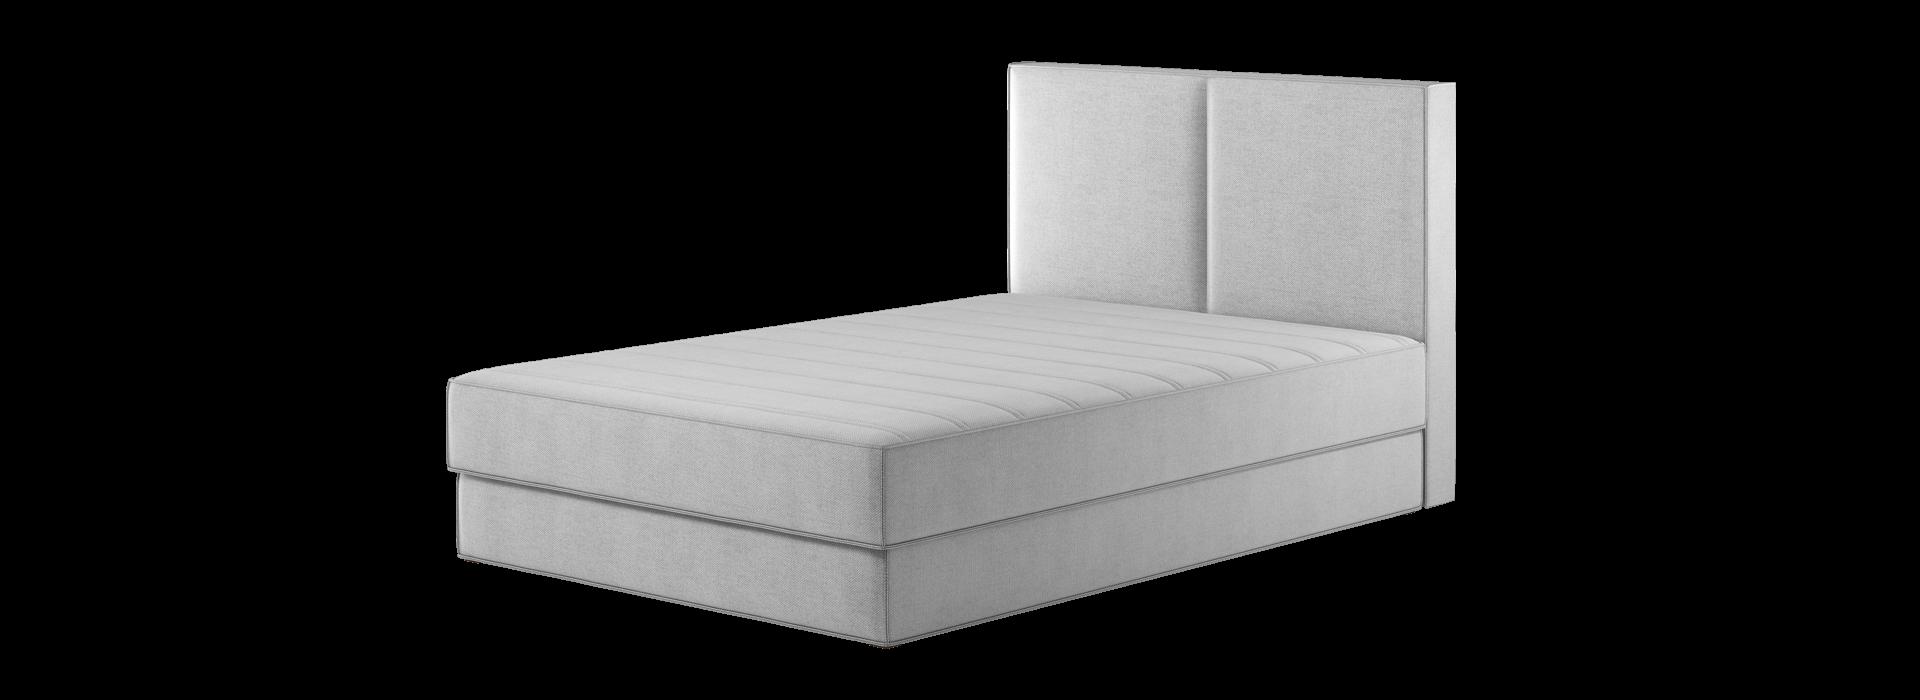 Фрея 1.4 ліжко з підйомником - маска 4